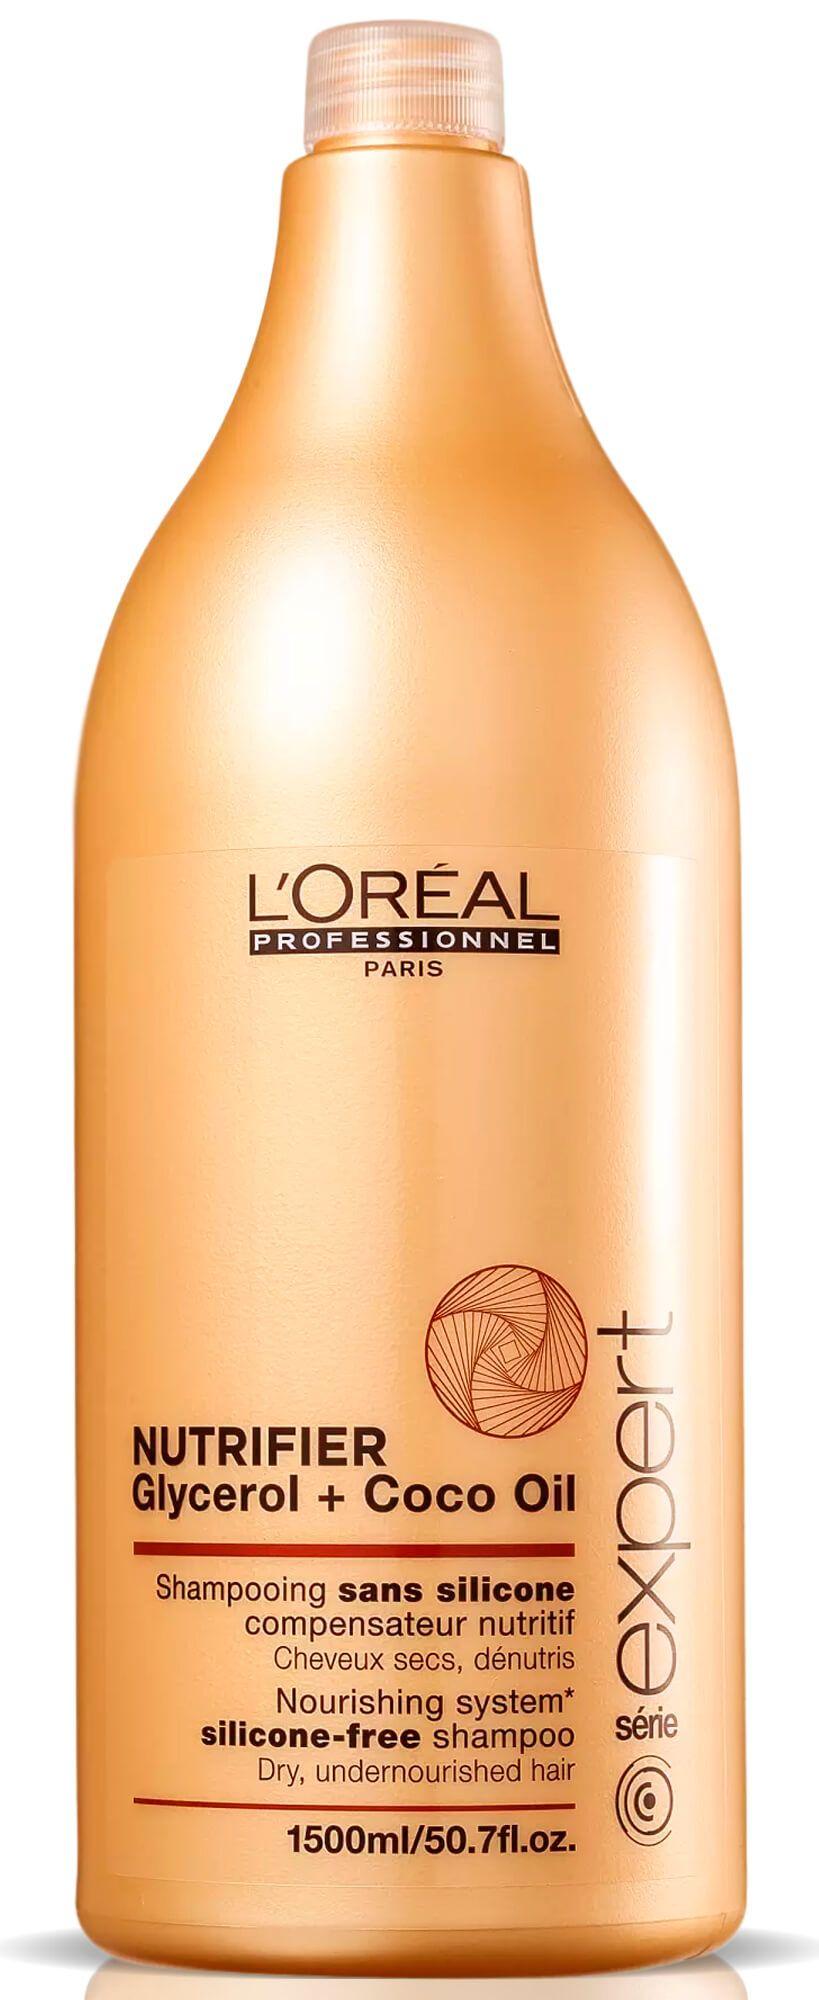 Shampoo L'oréal Professionnel Nutrifier - 1500ml